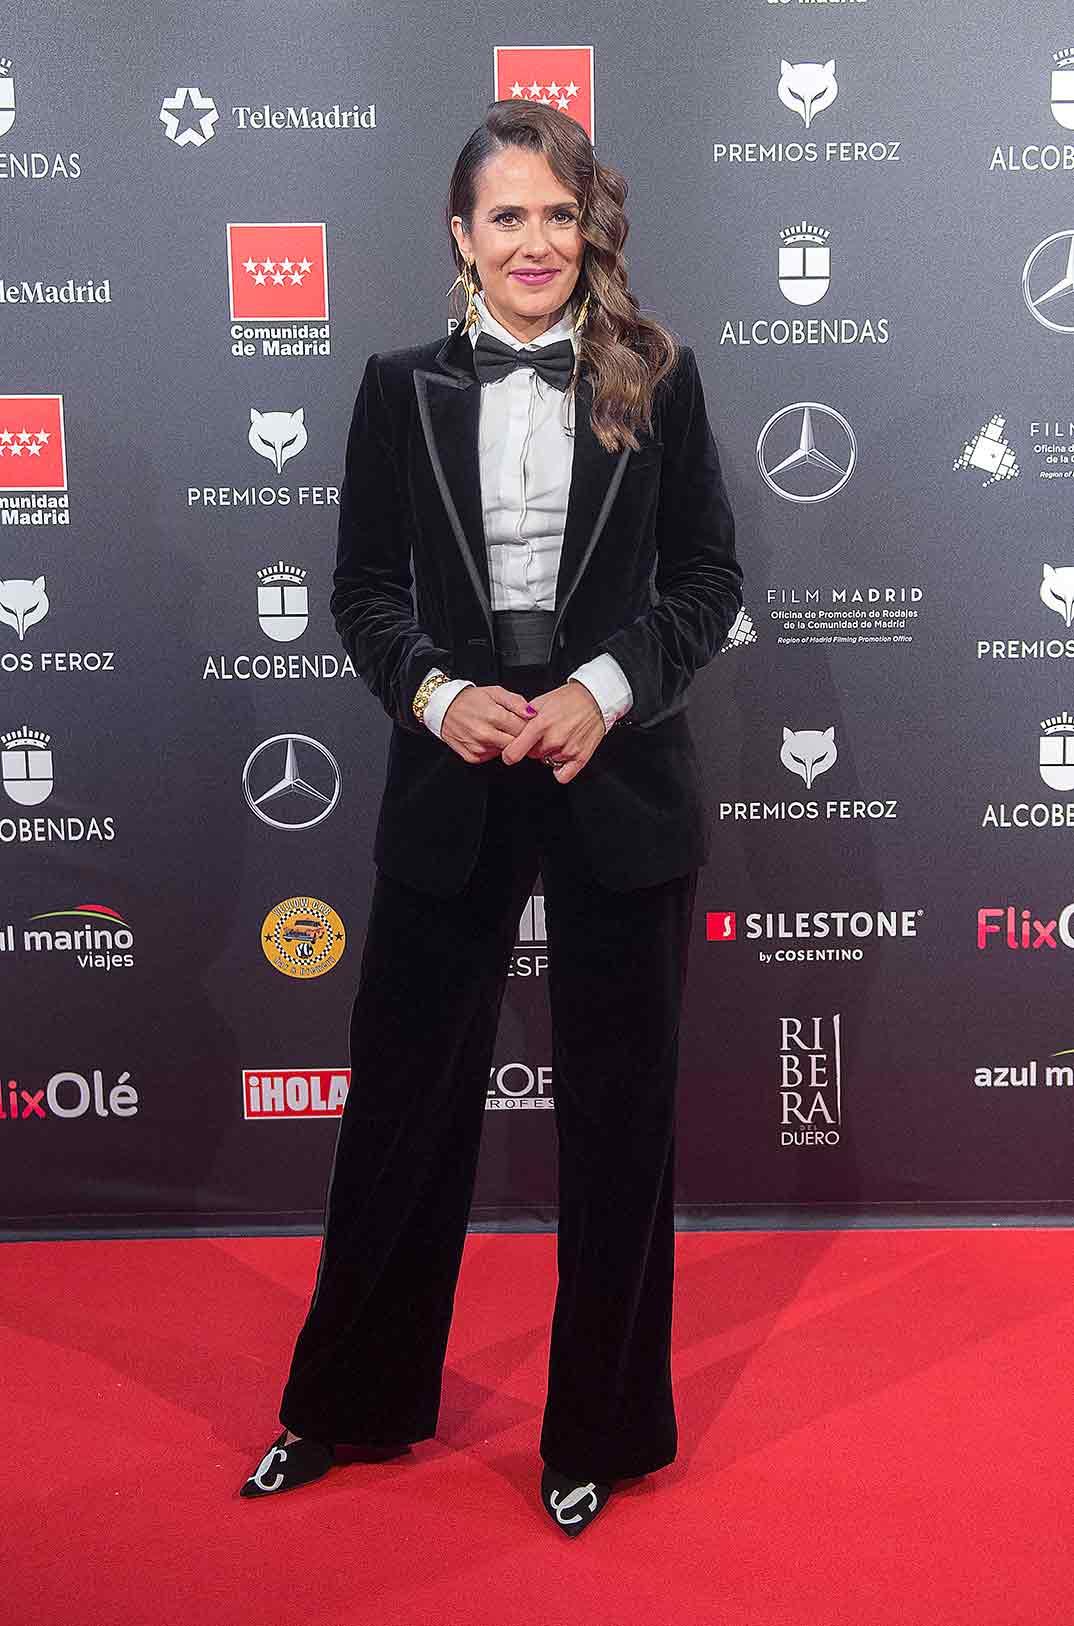 Anna Allen - Premios Feroz 2020